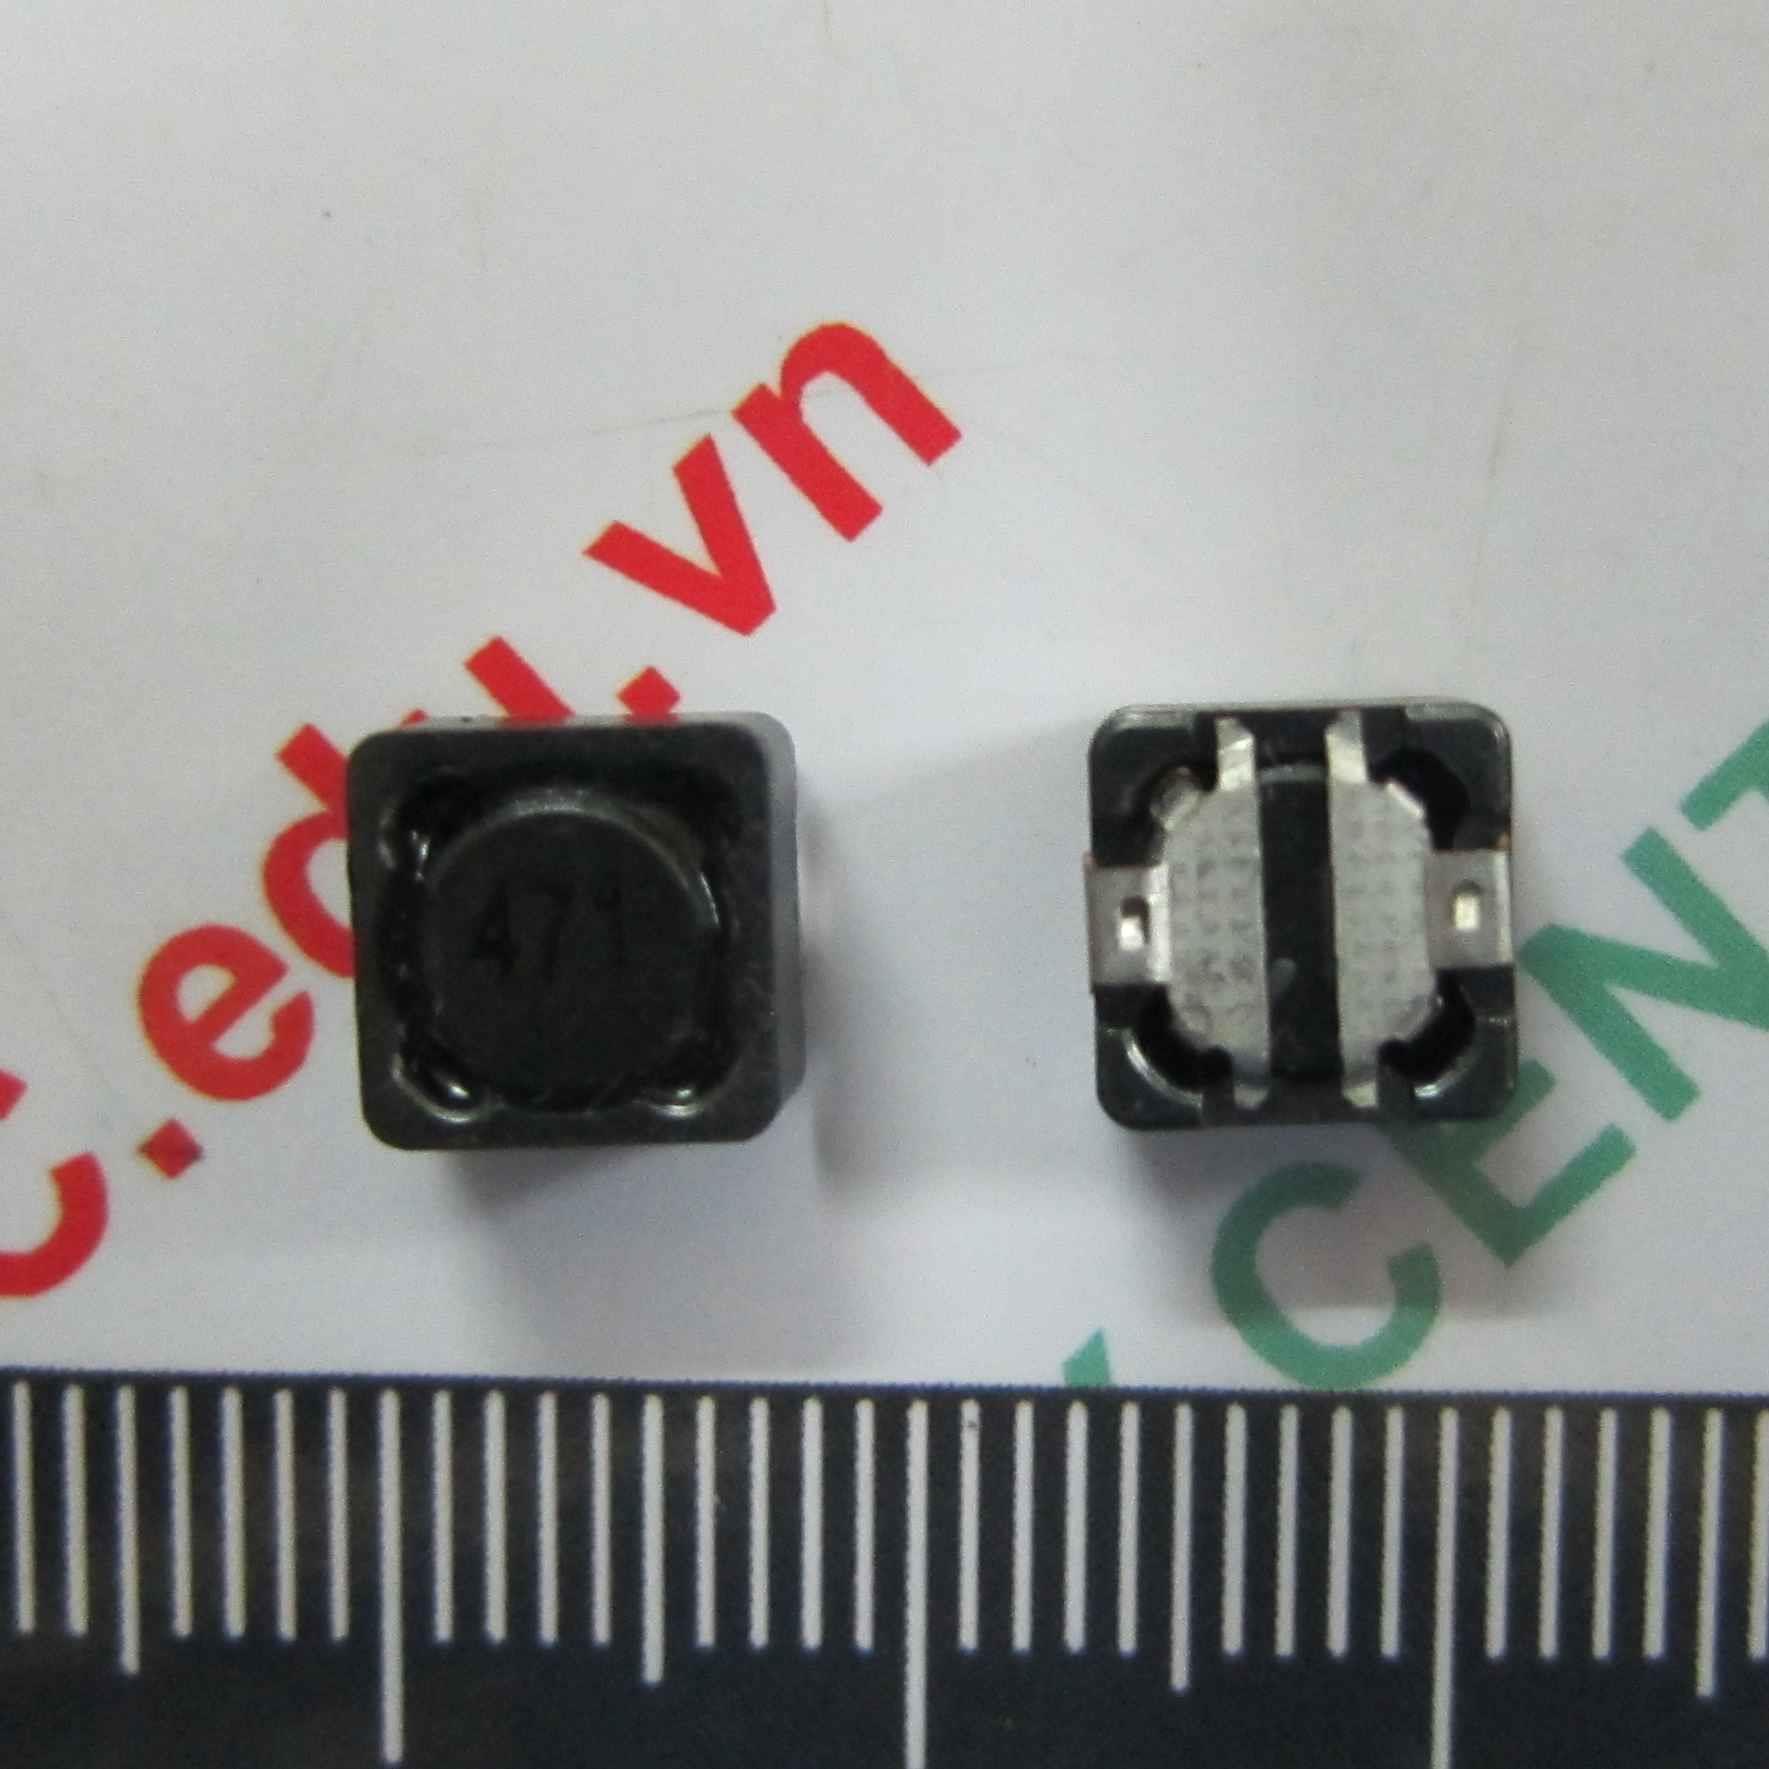 CUỘN CẢM SMD 100uH 7.4x7.4mm CD74R 0.4A  - B10H17